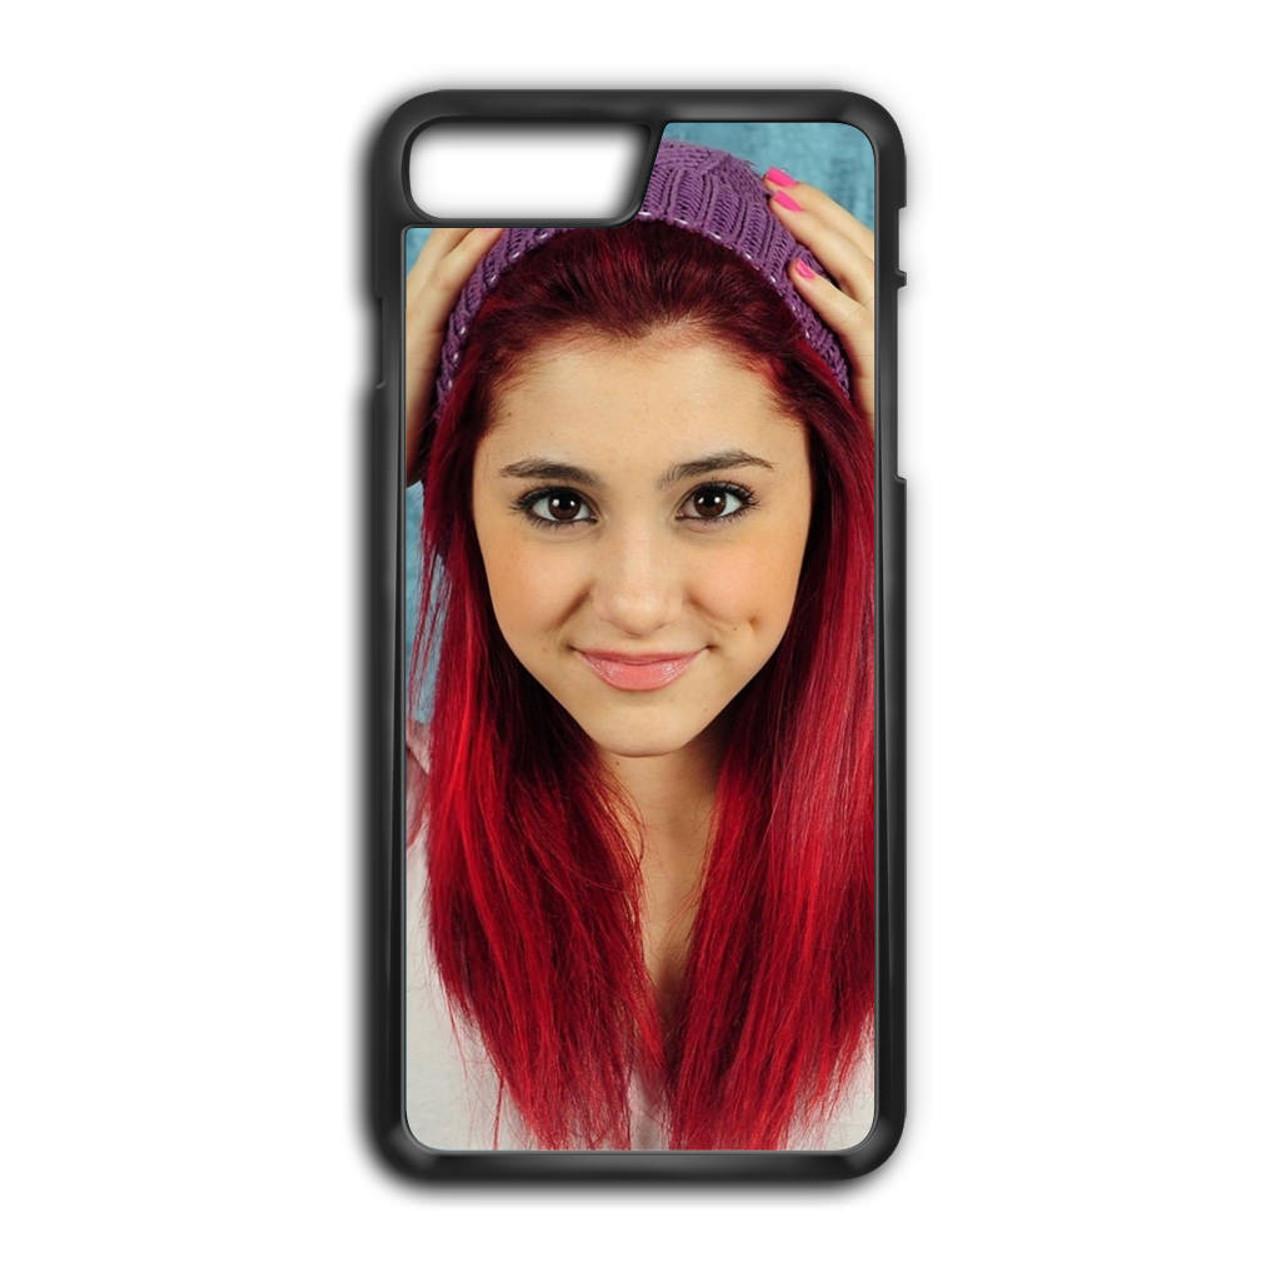 ariana grande phone case iphone 8 plus